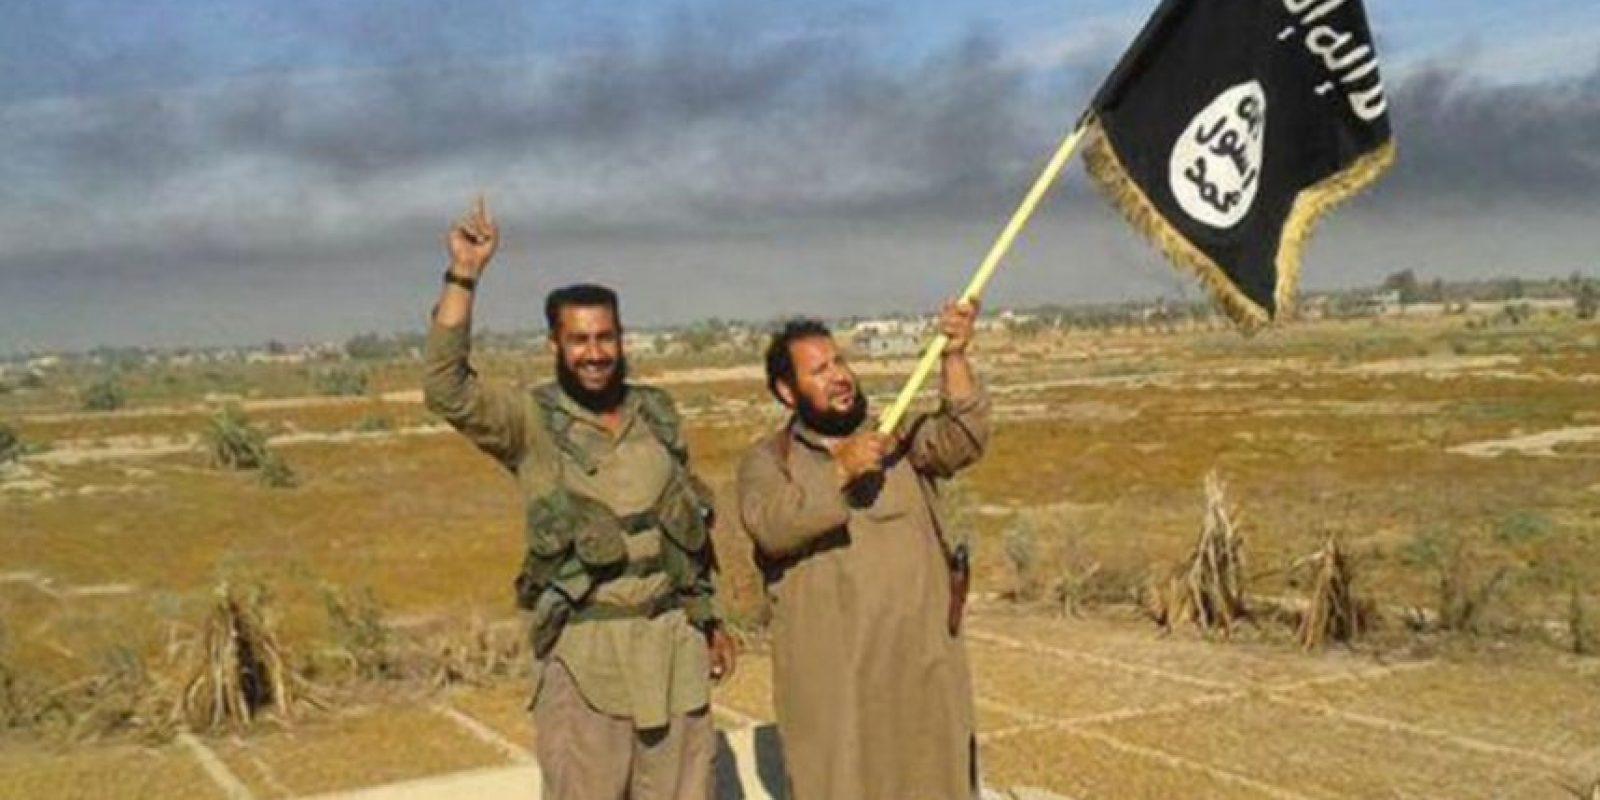 Así Estado Islámico obtiene financiamiento para atentados terroristas Foto:AP. Imagen Por: